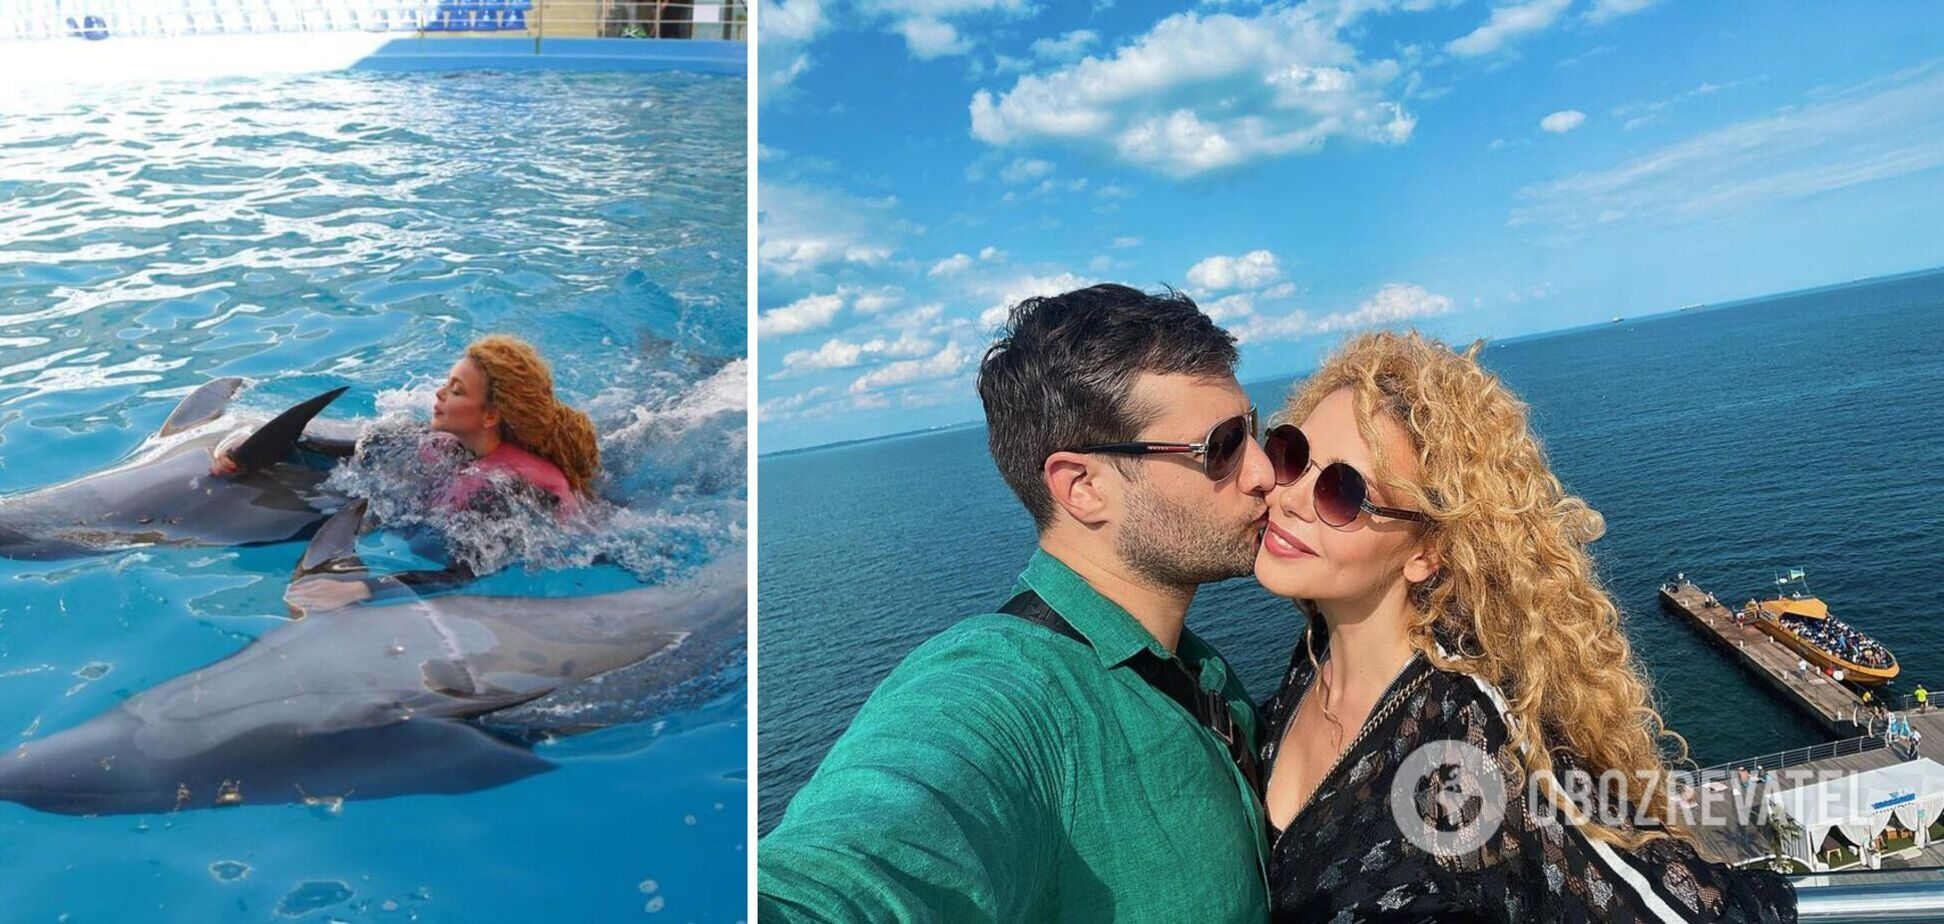 Аліна Гросу зі своїм 37-річним коханим поплавали з дельфінами. Фото